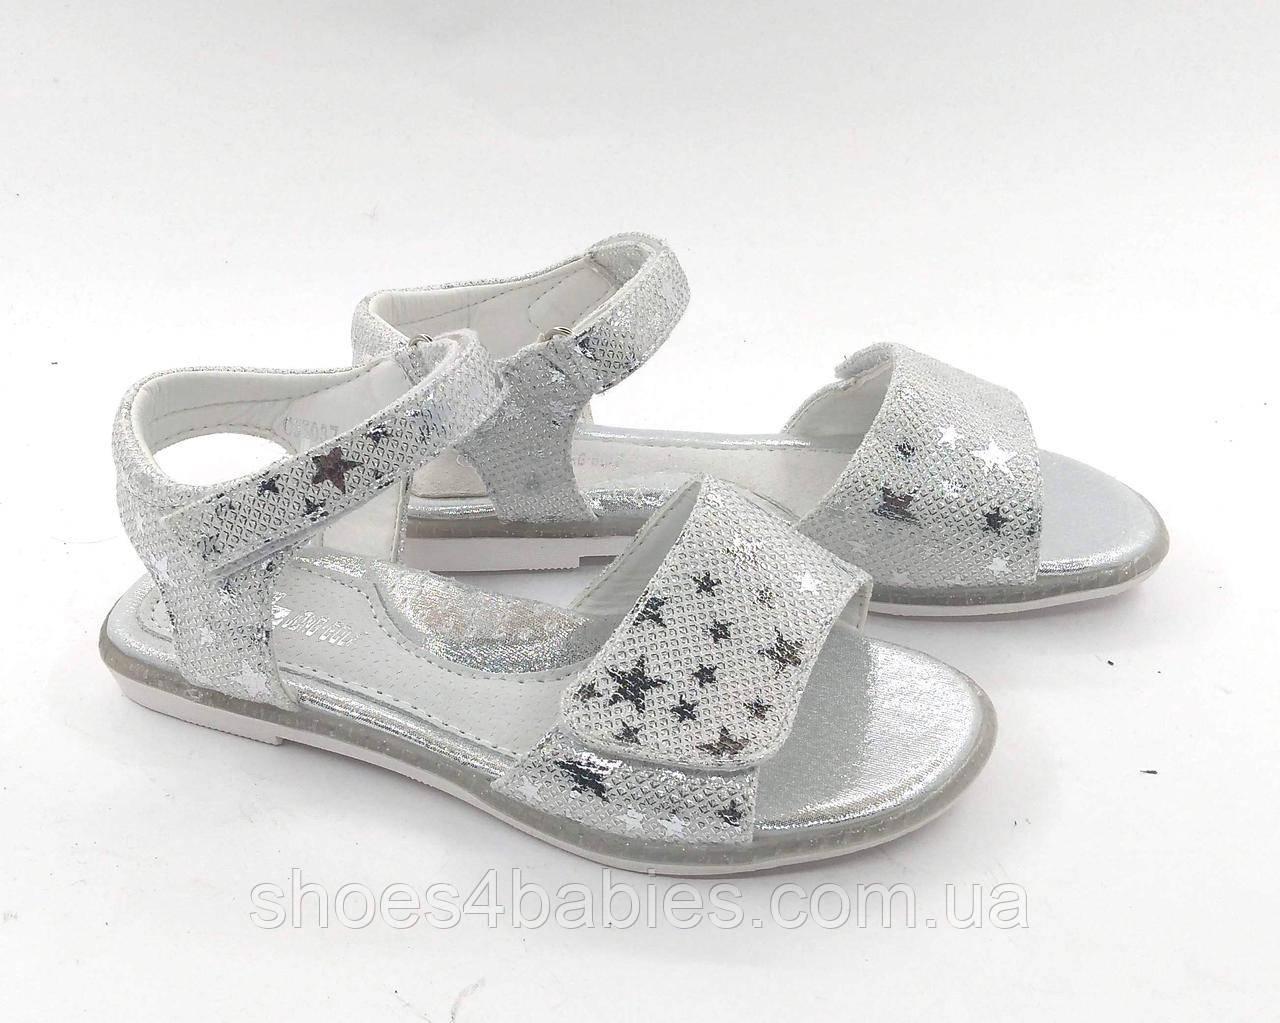 Босоножки для девочек серебрянные звезды р. 31 - 36 модель 95037